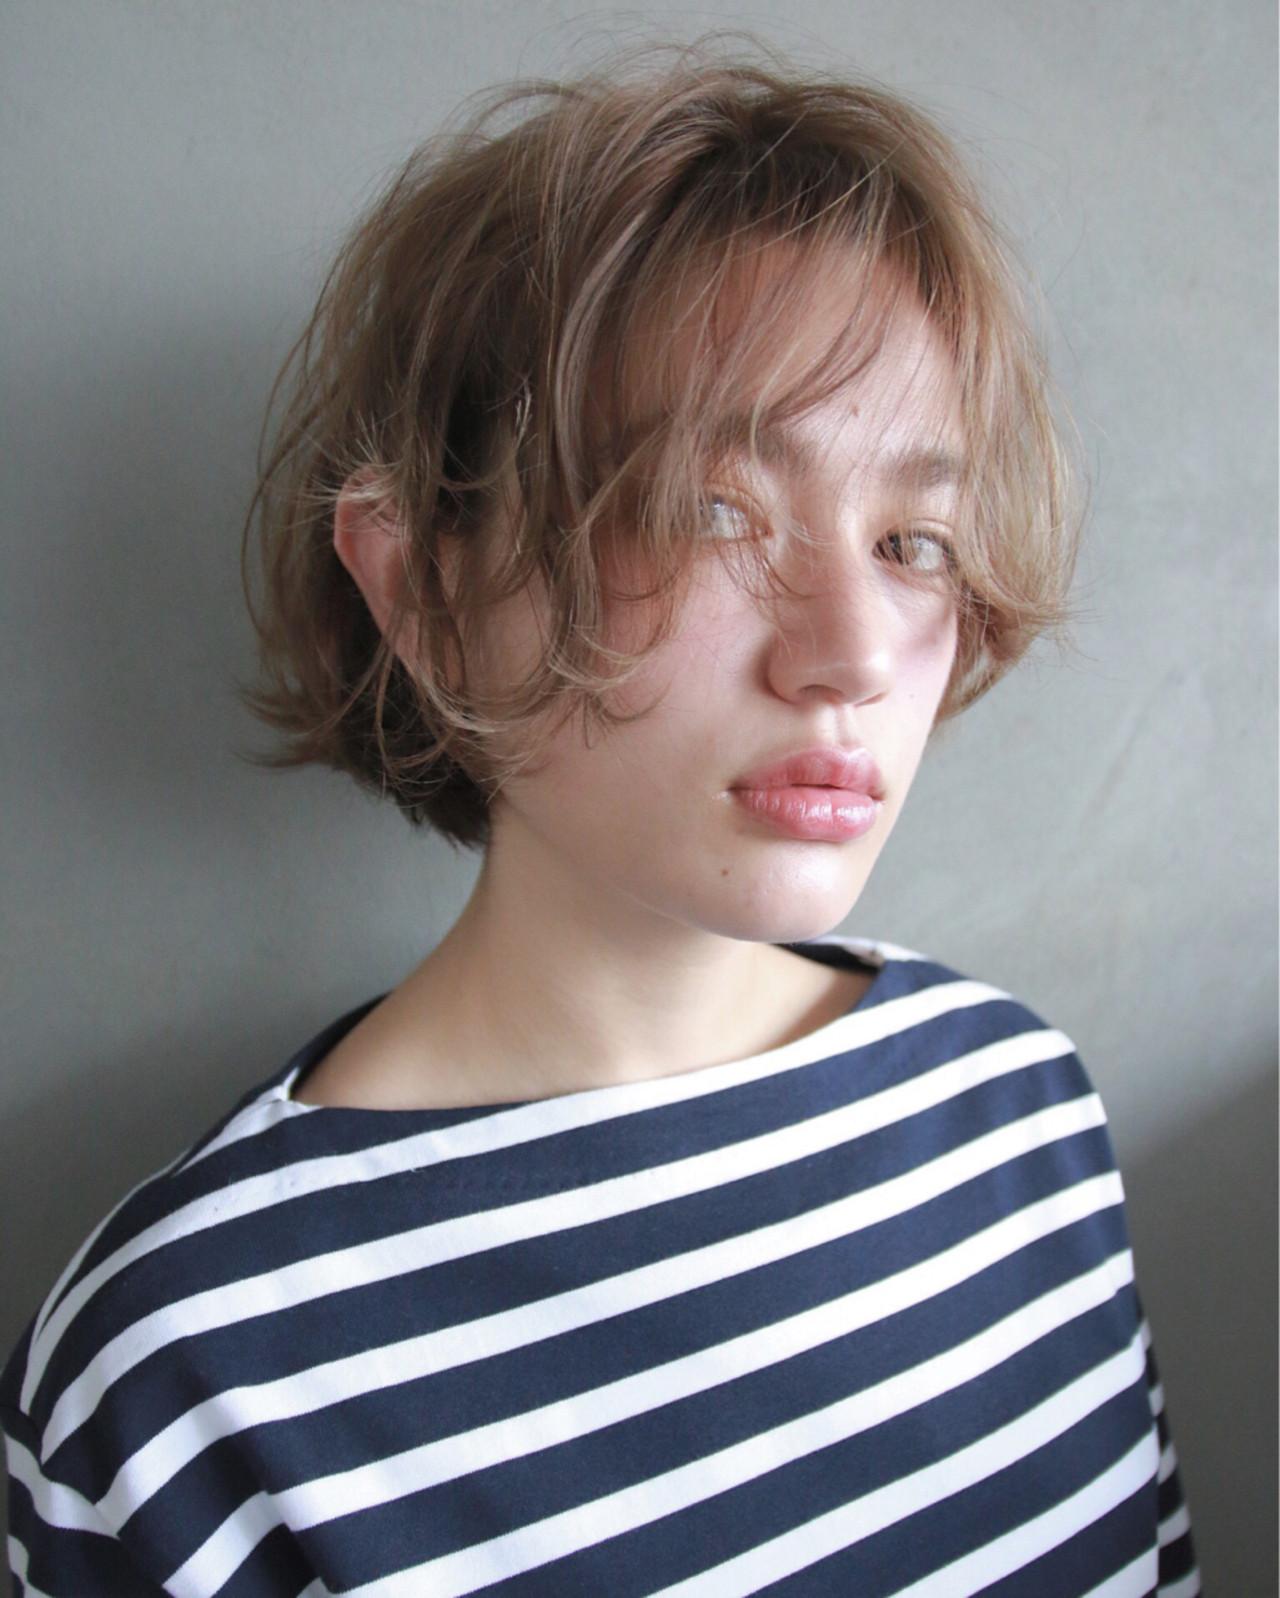 パーマ アッシュ ボブ くせ毛風 ヘアスタイルや髪型の写真・画像